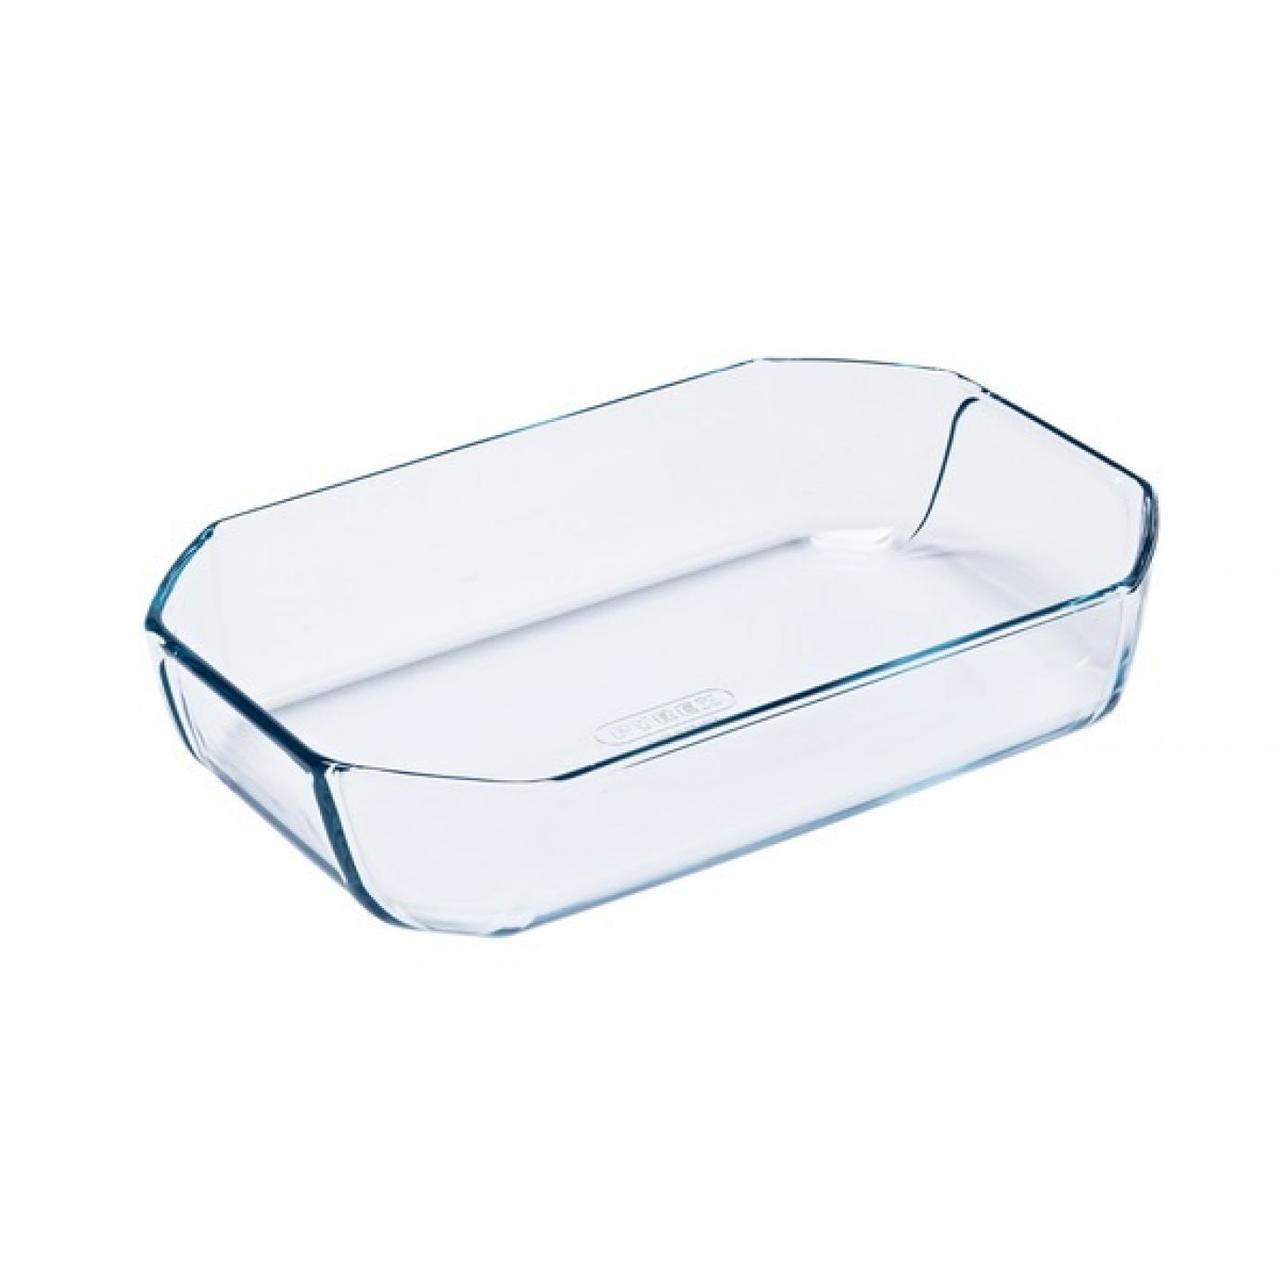 """Форма для выпечки стекло прямоугольная """"PurexInspiration"""" 27 х18х7см (5) №77532"""